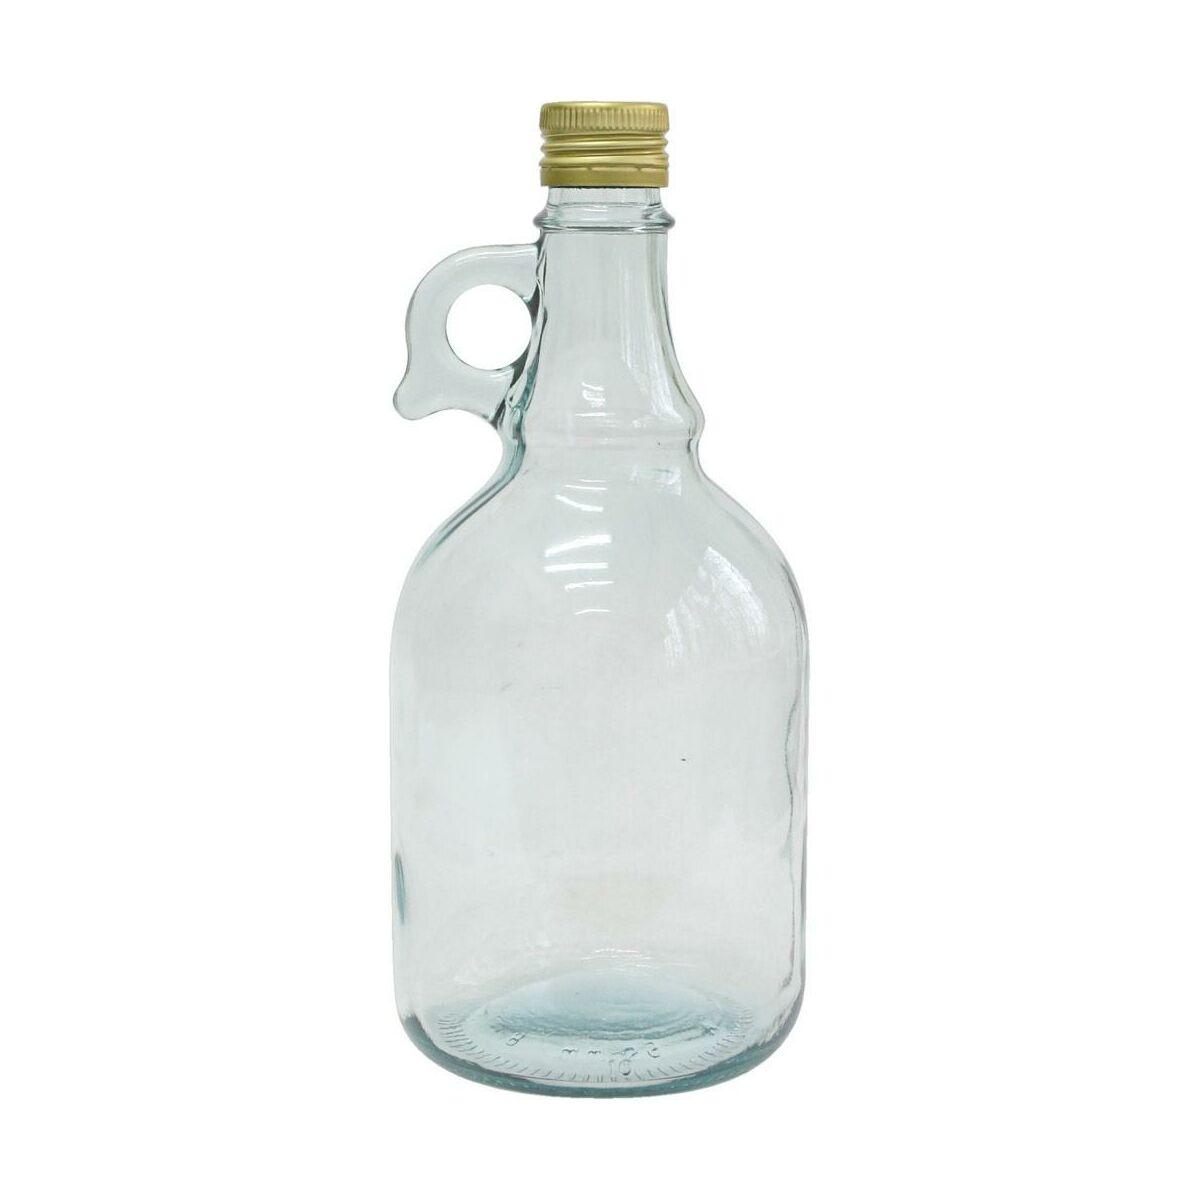 Butelka szklana 1 l GALLONE BIOWIN